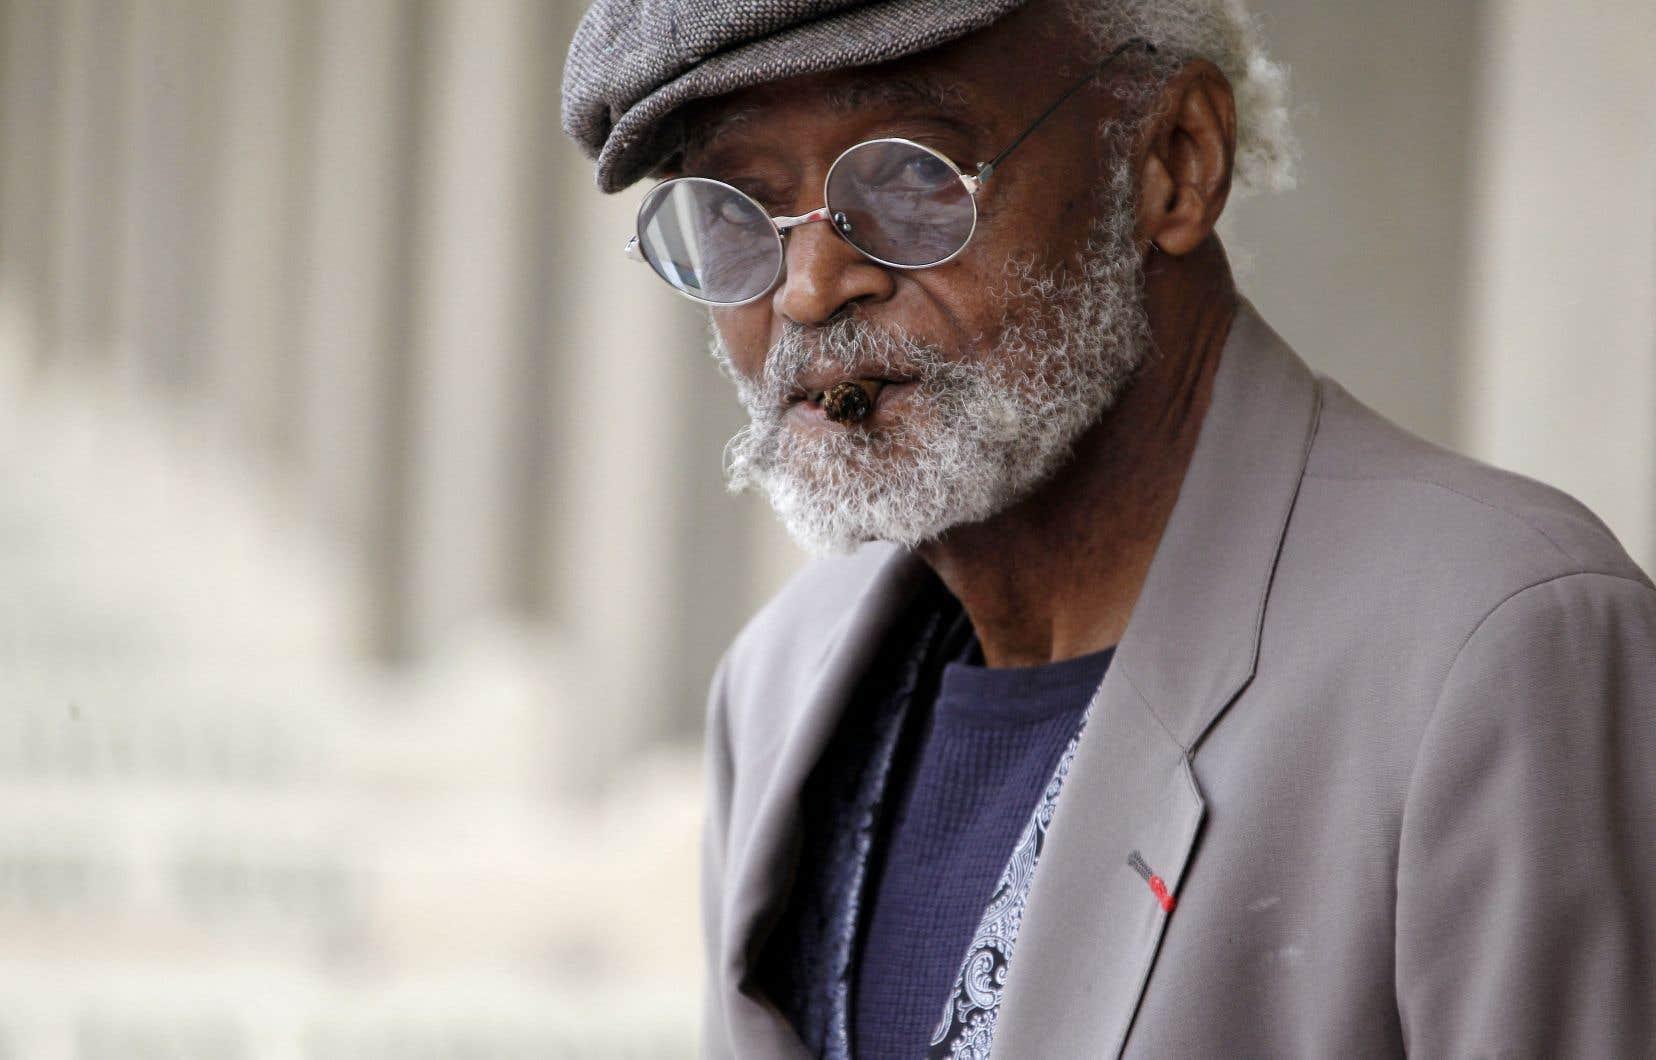 Né en 1932 à Chicago, Melvin Van Peebles était bachelier en littérature et avait servi dans l'armée de l'air américaine, avant de travailler comme artiste, scénariste, réalisateur, musicien et écrivain.